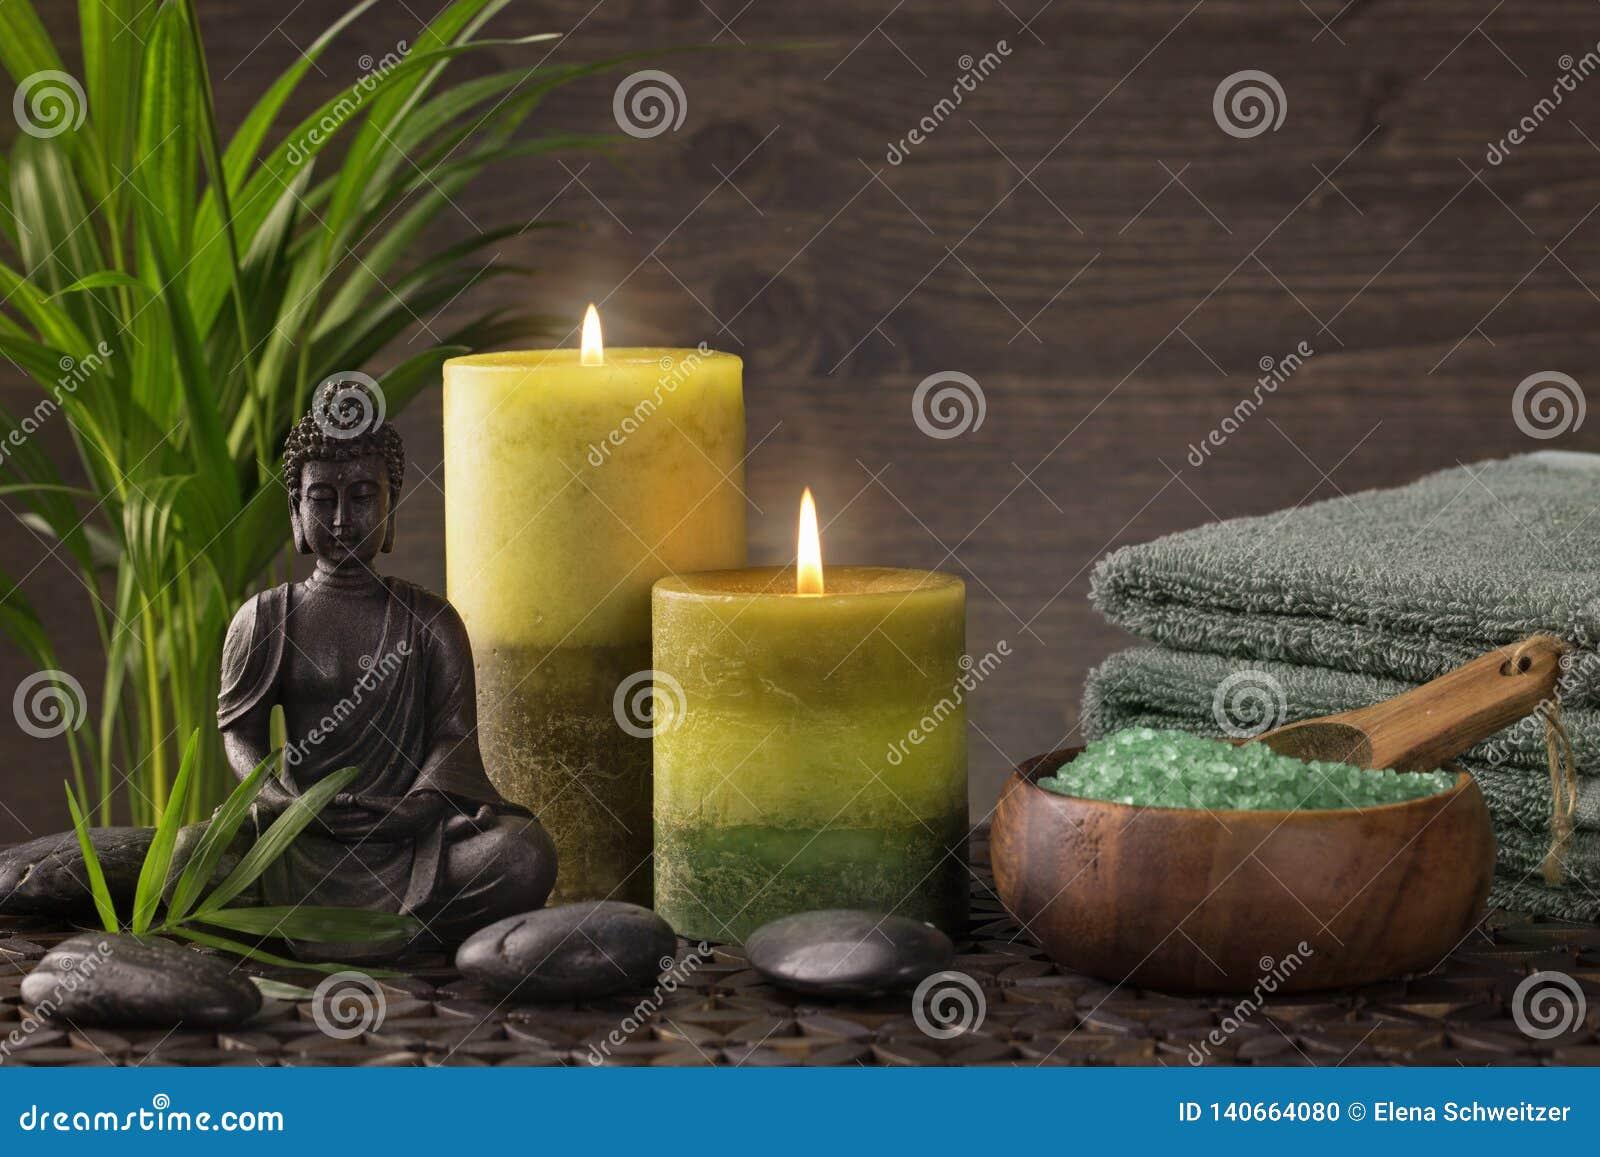 菩萨雕象、毛巾和蜡烛